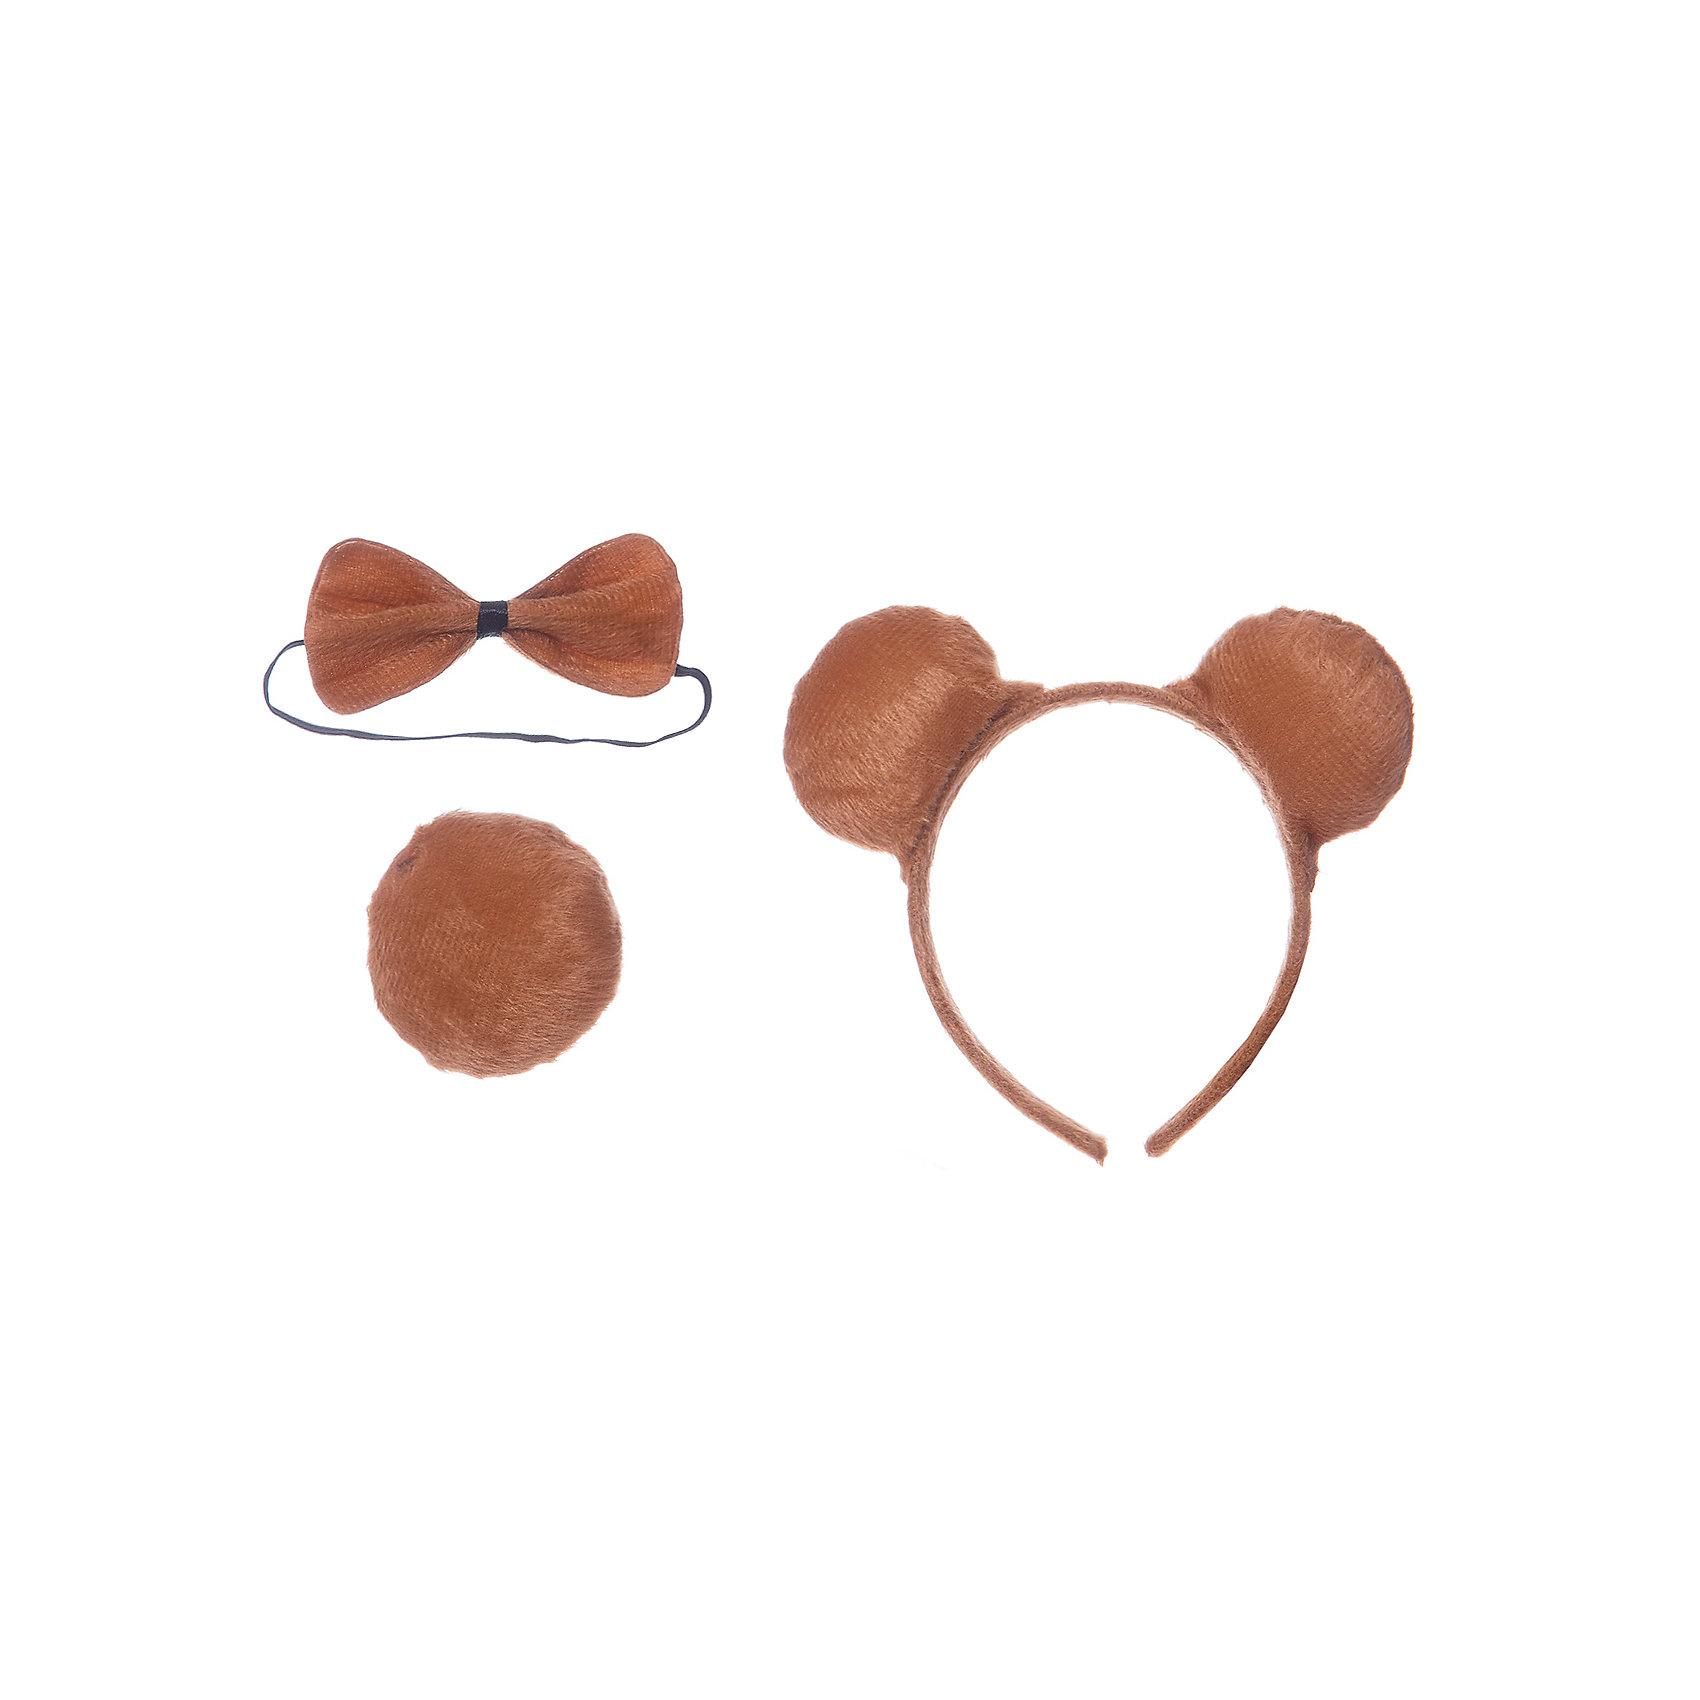 Маскарадный набор Медвежонок (3 предмета)Карнавальные костюмы и аксессуары<br>С этим замечательным набором ваш ребенок очень быстро перевоплотится в веселого озорного медвежонка! Маскарадный набор Медвежонок- прекрасный вариант для веселого праздника или же небольшого новогоднего презента.  <br><br>Дополнительная информация:<br><br>- Материал: полиэстер, пластик. <br>- Размер: 20х25 см. <br>- Комплектация: галстук-бабочка, ободок, хвостик.<br><br>Маскарадный набор Медвежонок (3 предмета) можно купить в нашем магазине.<br><br>Ширина мм: 230<br>Глубина мм: 220<br>Высота мм: 10<br>Вес г: 35<br>Возраст от месяцев: 36<br>Возраст до месяцев: 2147483647<br>Пол: Мужской<br>Возраст: Детский<br>SKU: 4981307